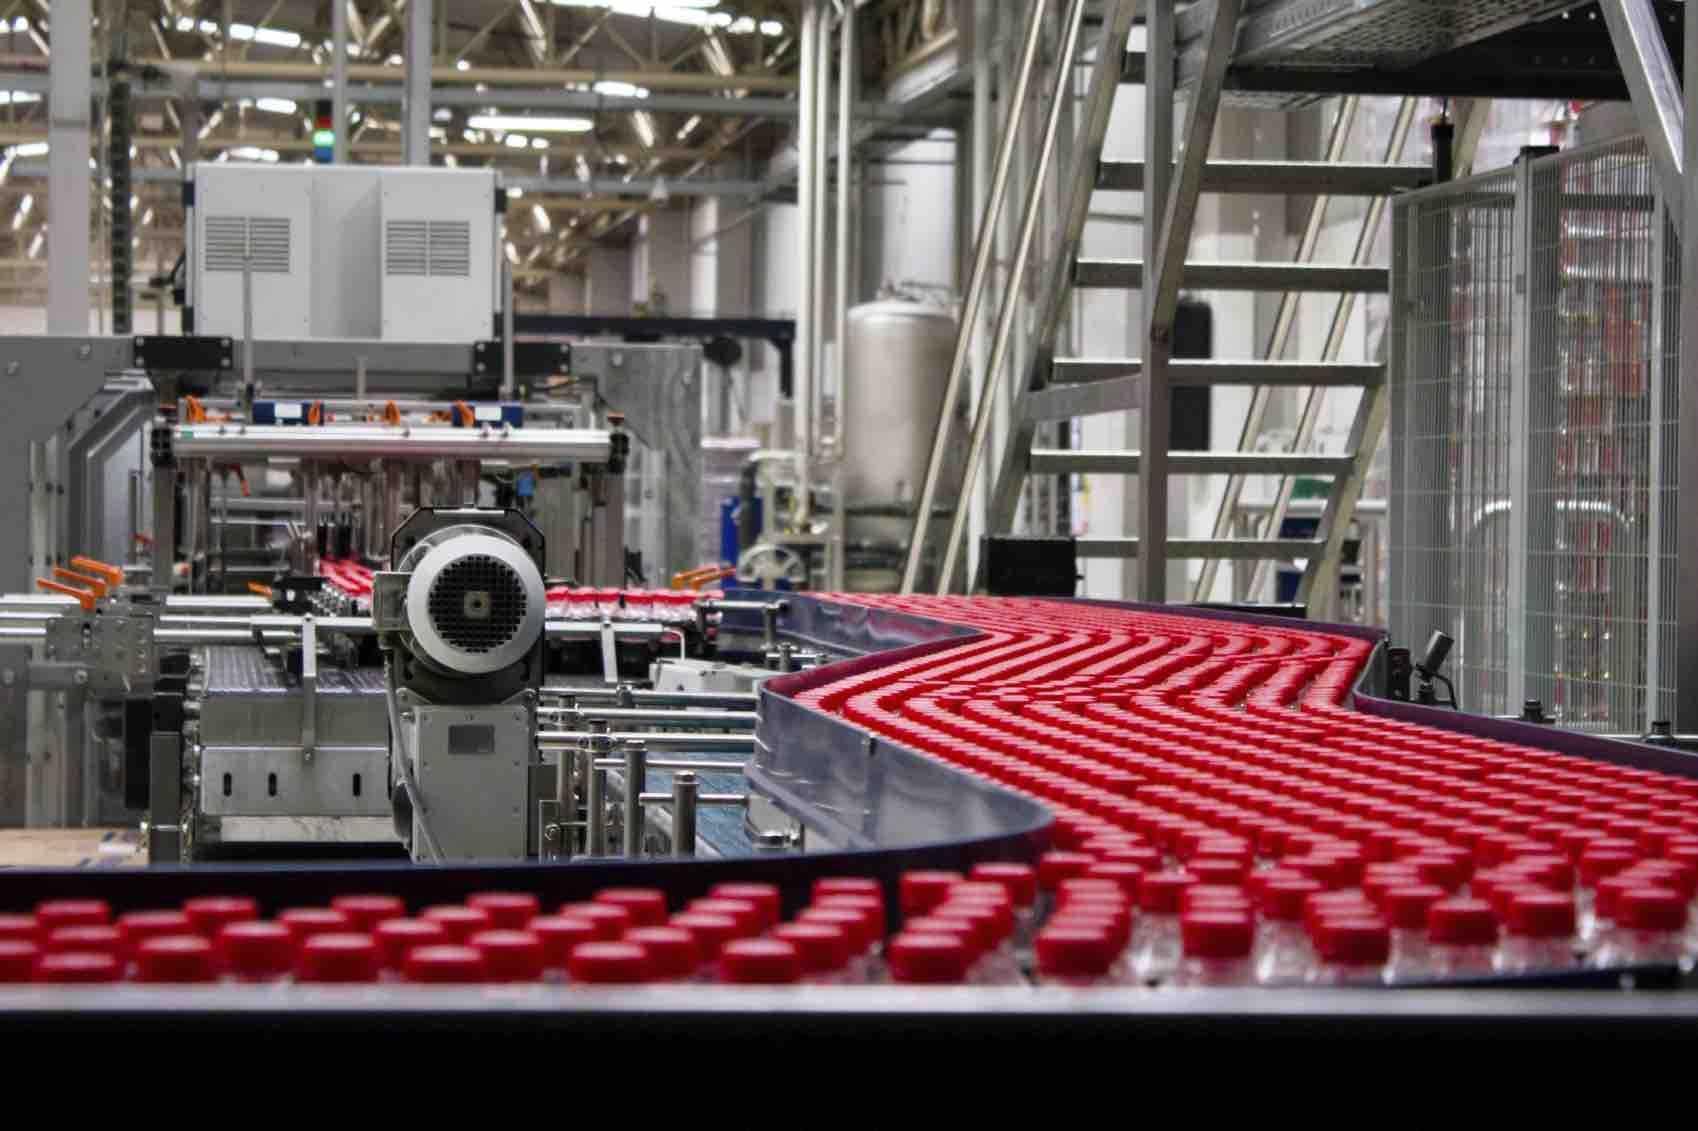 Produktionsprozesse optimieren und effizient gestalten